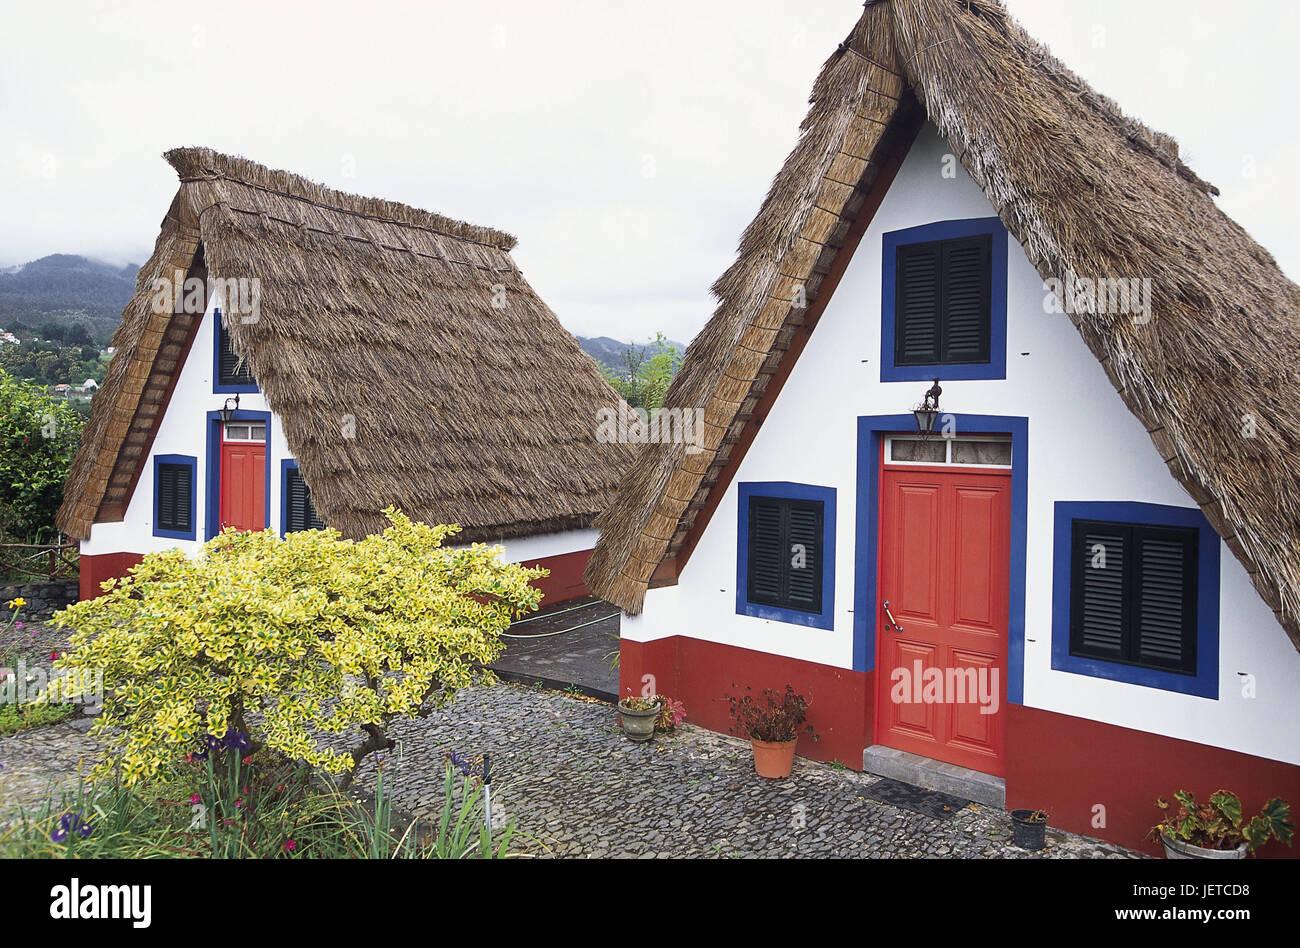 Il portogallo isola di madera santana casa de colmo for Destinazione casa